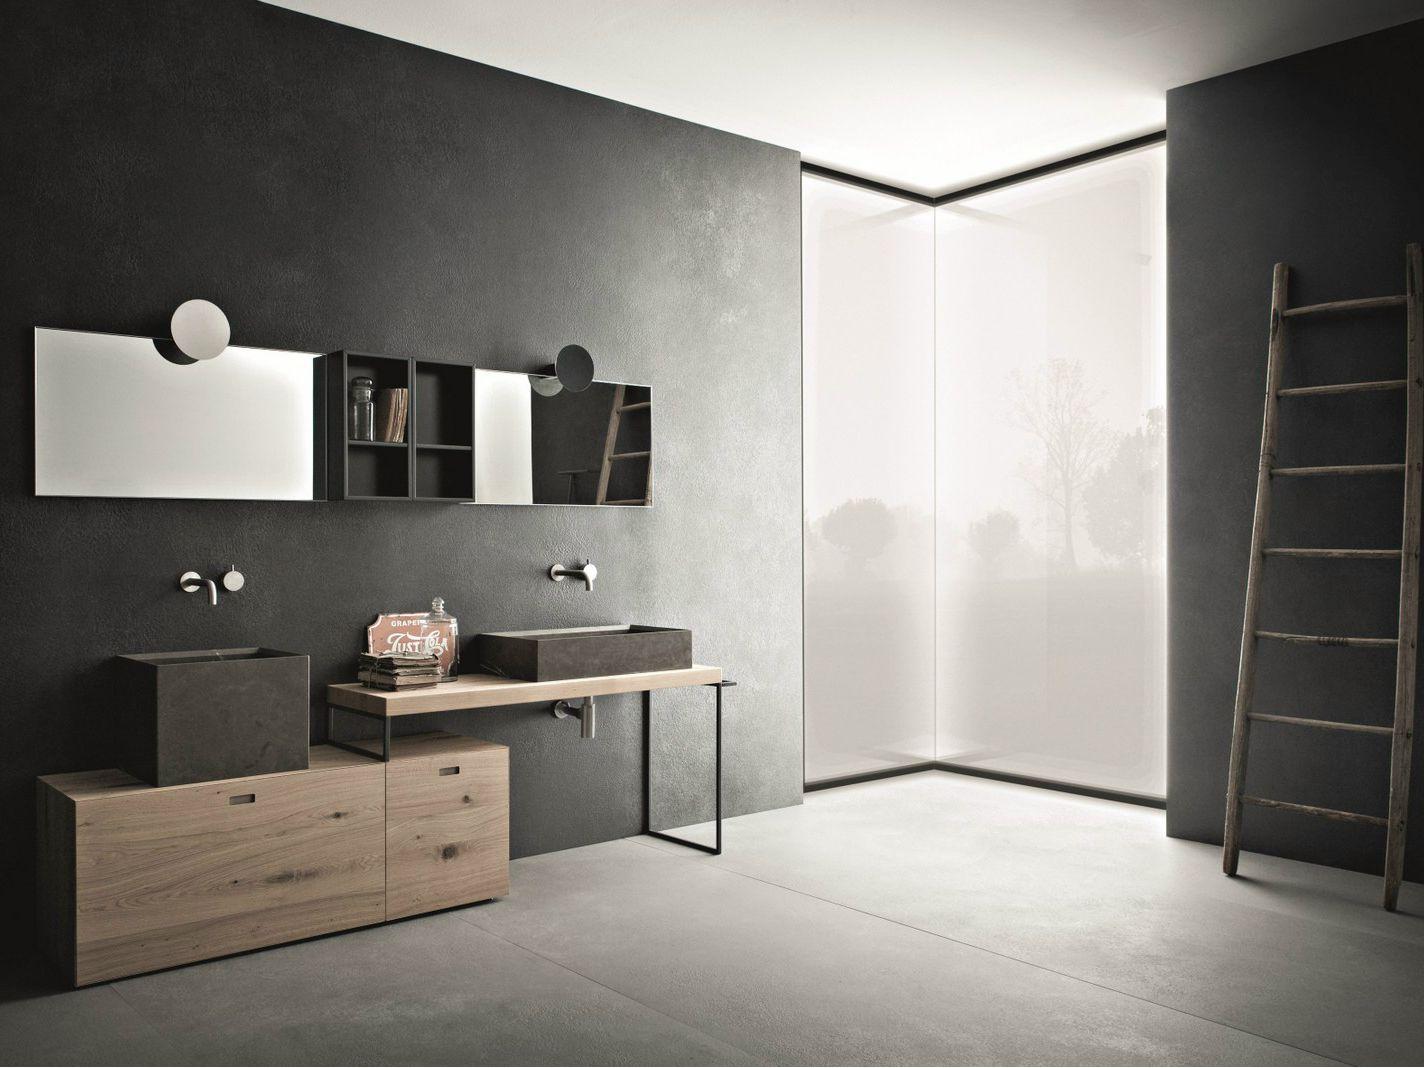 Arredo bagno completo craft composizione n06 by novello for Bagno arredo design